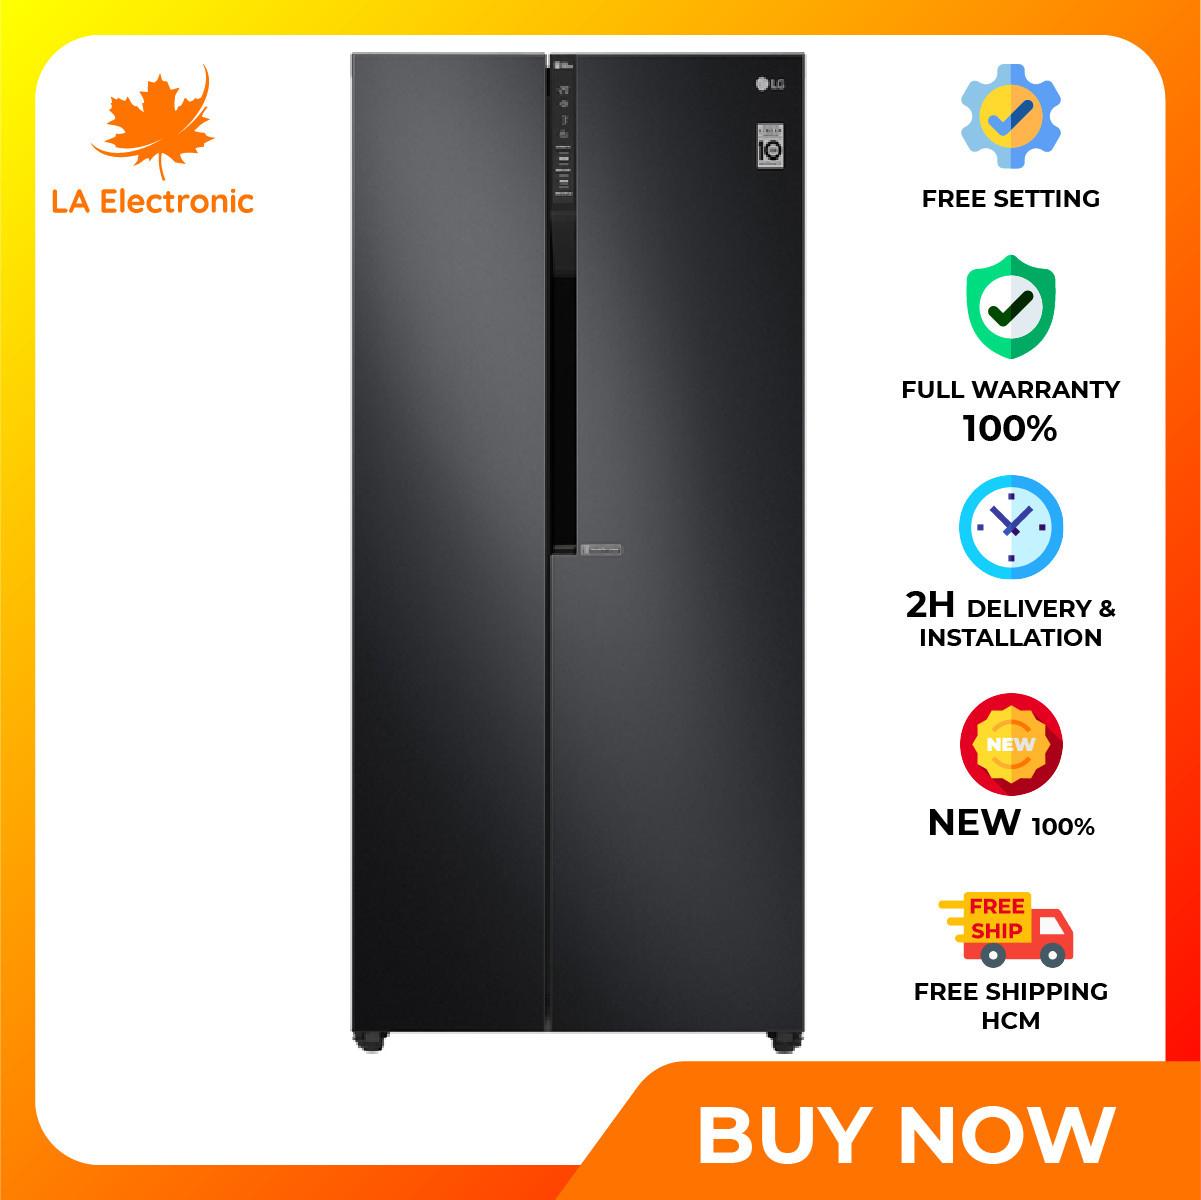 [GIAO HÀNG 2 – 15 NGÀY, TRỄ NHẤT 30.08] Trả Góp 0% – Tủ Lạnh LG Inverter 613 lít GR-B247WB Mới 2020 – Miễn phí vận chuyển HCM